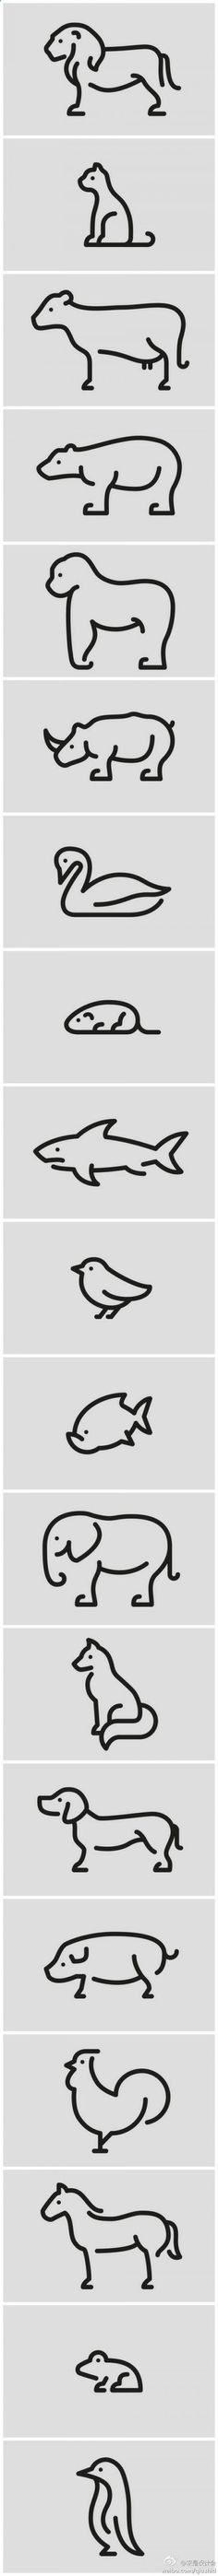 Simple doodles :)